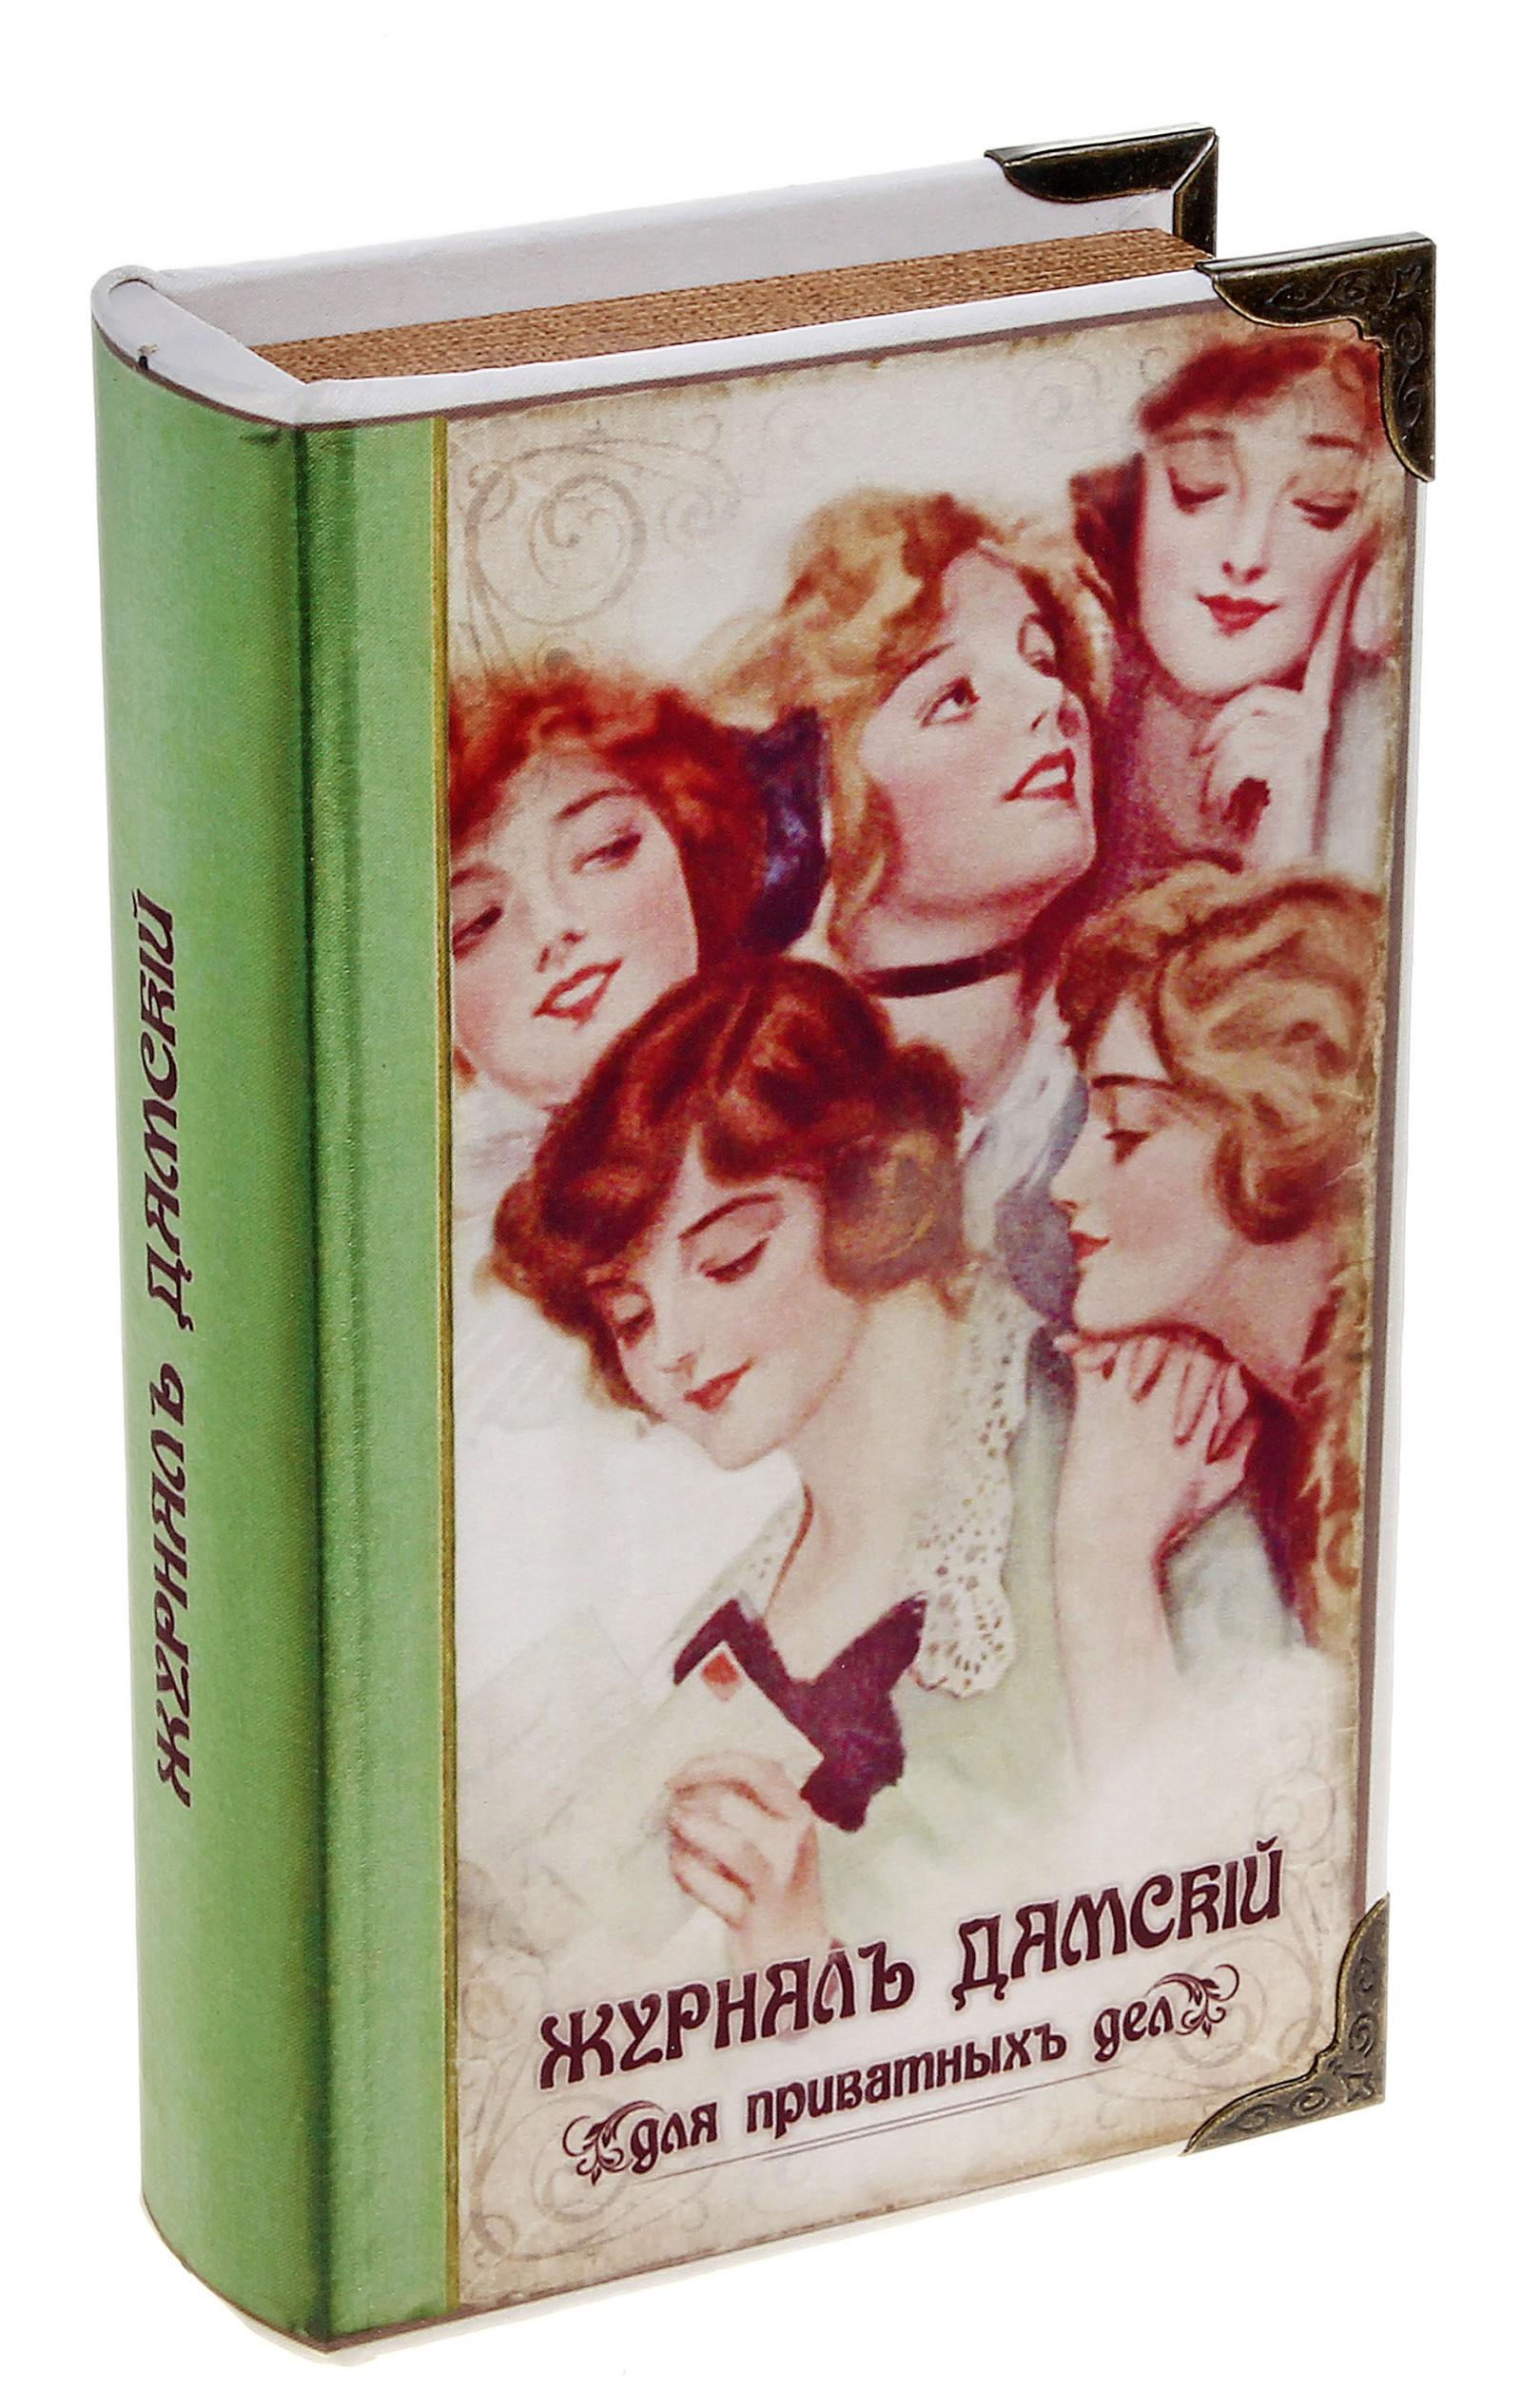 Шкатулка-книга Дамский журналБрелок для ключейОригинальное оформление шкатулки, несомненно, привлечет внимание. Шкатулка изготовлена в виде книги из дерева, поверхность которой выполнена из шёлка и оформлена старой фотографией пяти молодых девушек и надписью Журнал дамский. Для приватных дел. Такая шкатулка может использоваться для хранения бижутерии, в качестве украшения интерьера, а также послужит хорошим подарком для человека, ценящего практичные и оригинальные вещицы. Характеристики:Материал: дерево, кожзам, шёлк, металл. Размер шкатулки (в закрытом виде): 17 см х 11 см х 5 см. Размер упаковки: 18 см х 12 см х 6 см. Артикул: 48043.